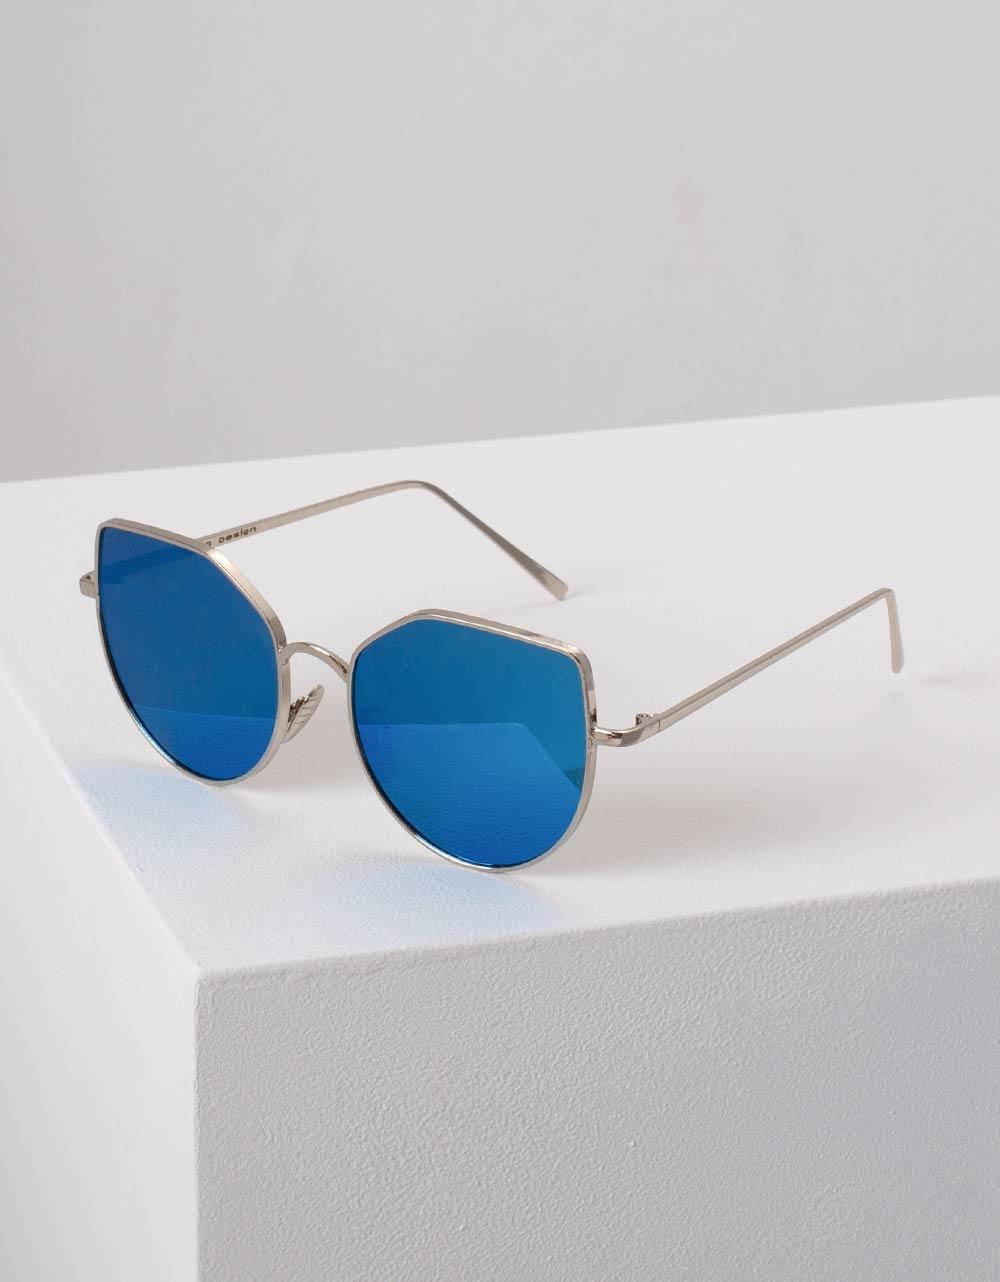 Εικόνα από Γυναικεία γυαλιά ηλίου με καθρέφτη στο φακό Μπλε